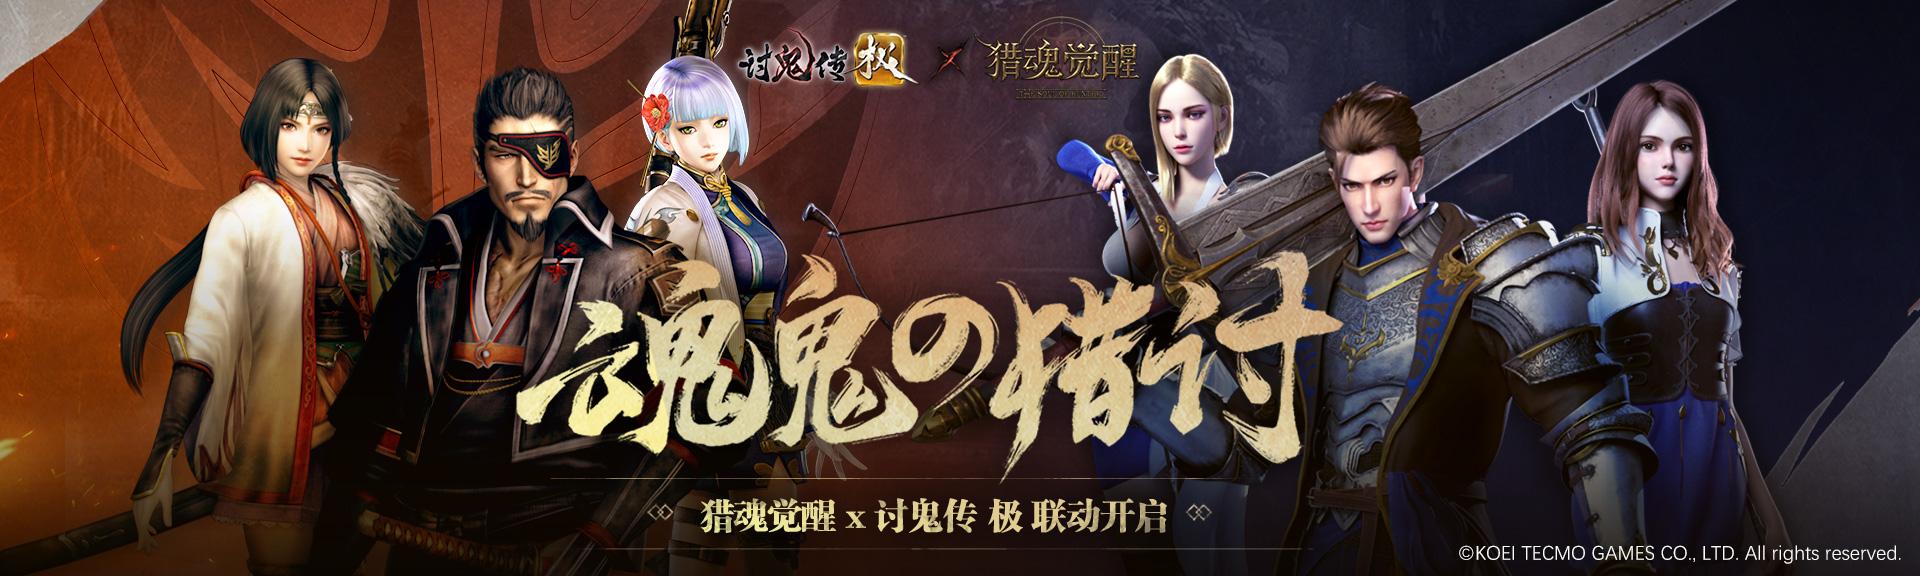 《猎魂觉醒》宣布联动共斗经典《讨鬼传 极》 联合狩猎12月20日开启!